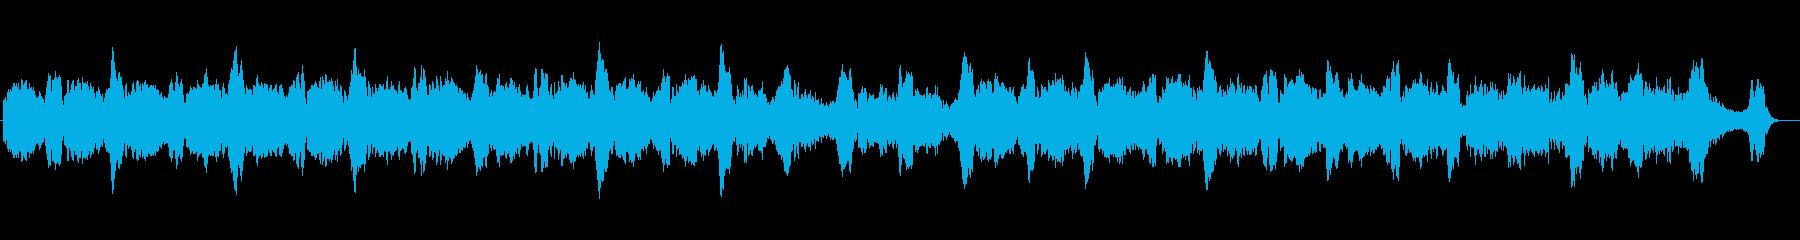 優しくゆったりな癒し系サウンドの再生済みの波形